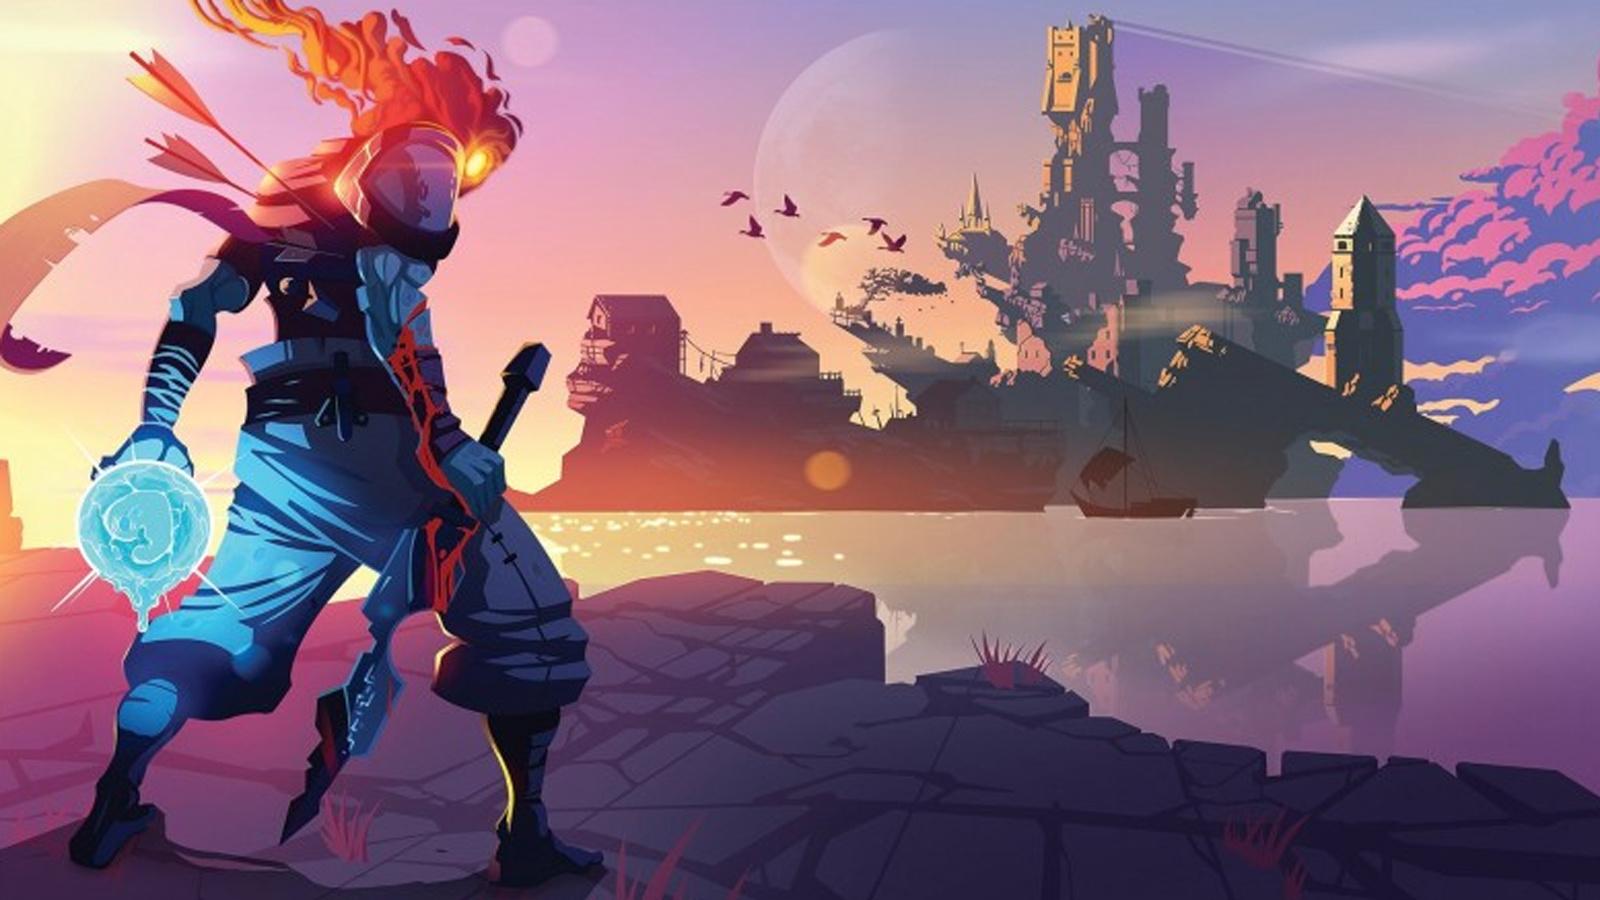 《死亡細胞》銷量突破百萬,一款救了開發小組的獨立遊戲